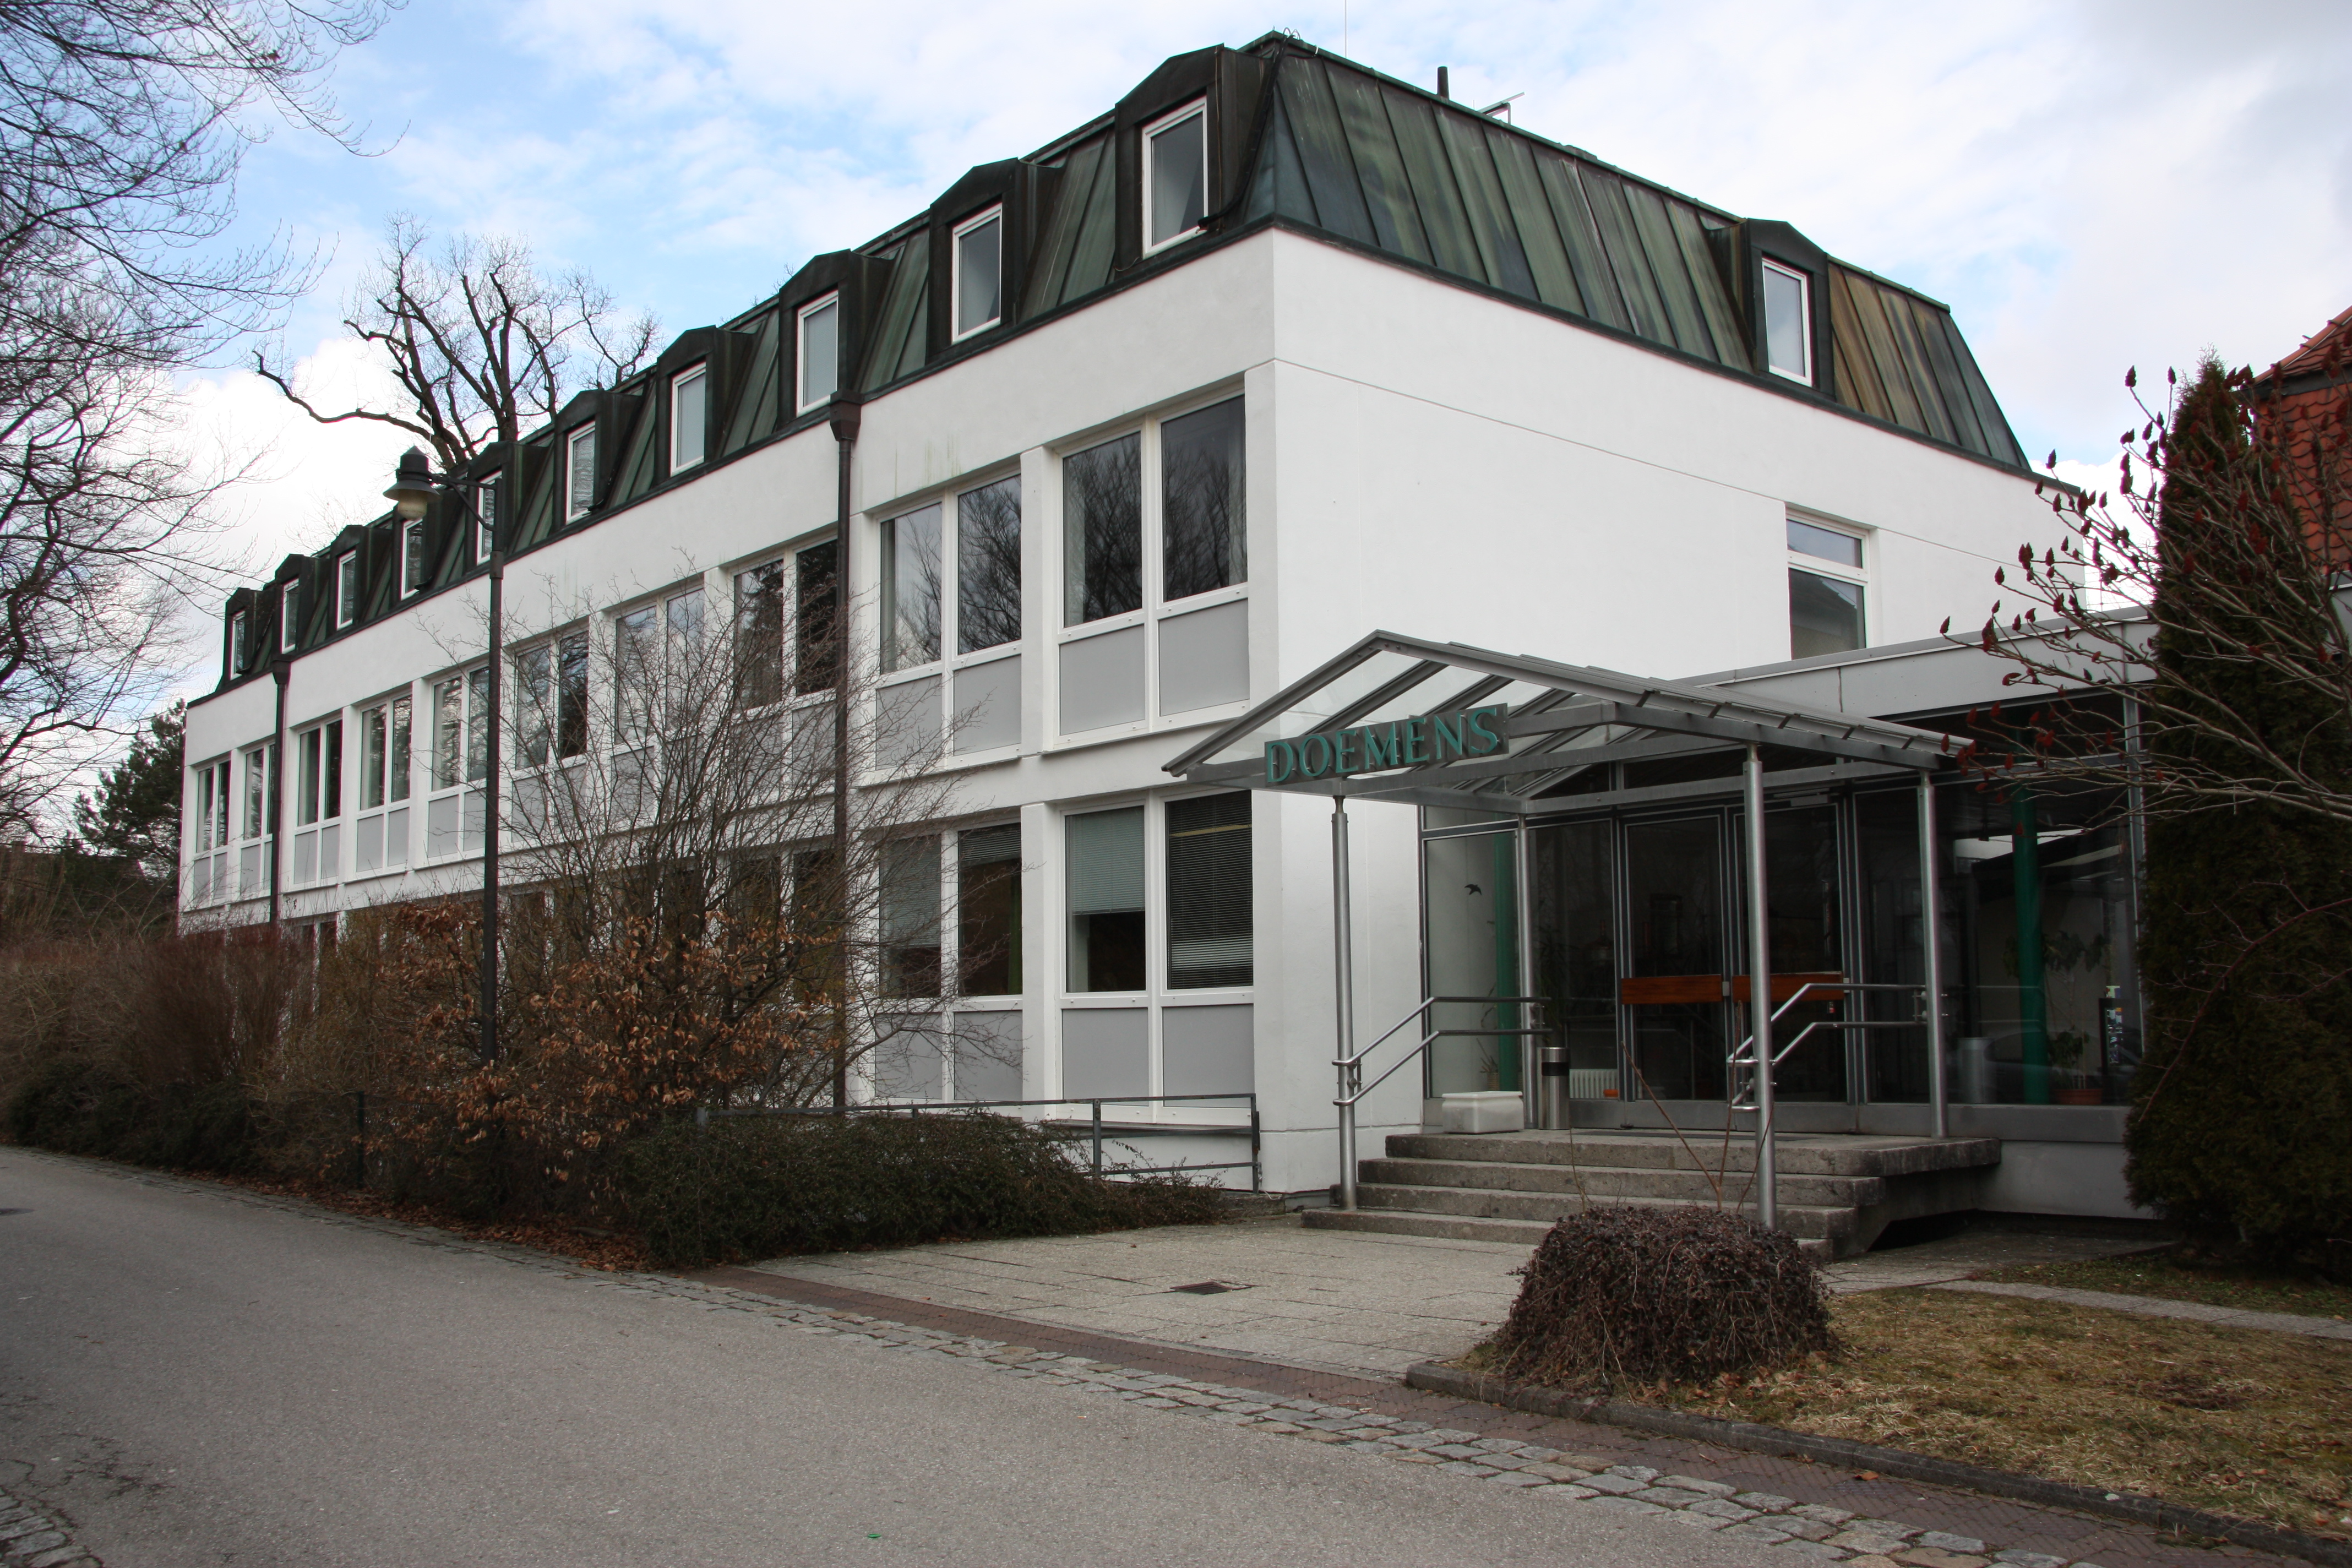 Doemens at his location Stefanusstraße 8 in Munich-Gräfelfing